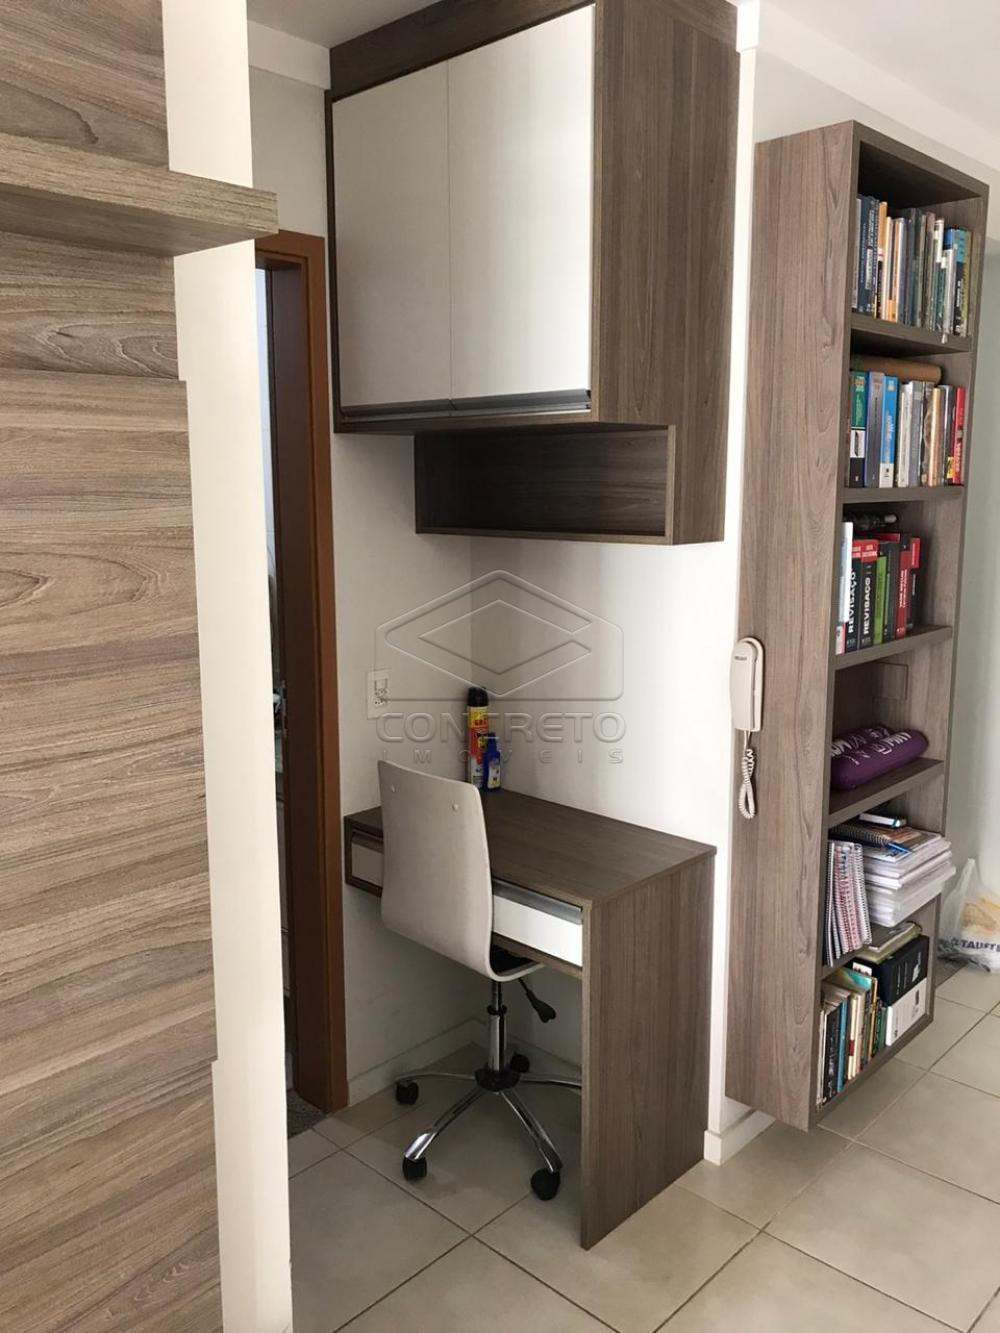 Alugar Apartamento / Padrão em Bauru apenas R$ 1.400,00 - Foto 7